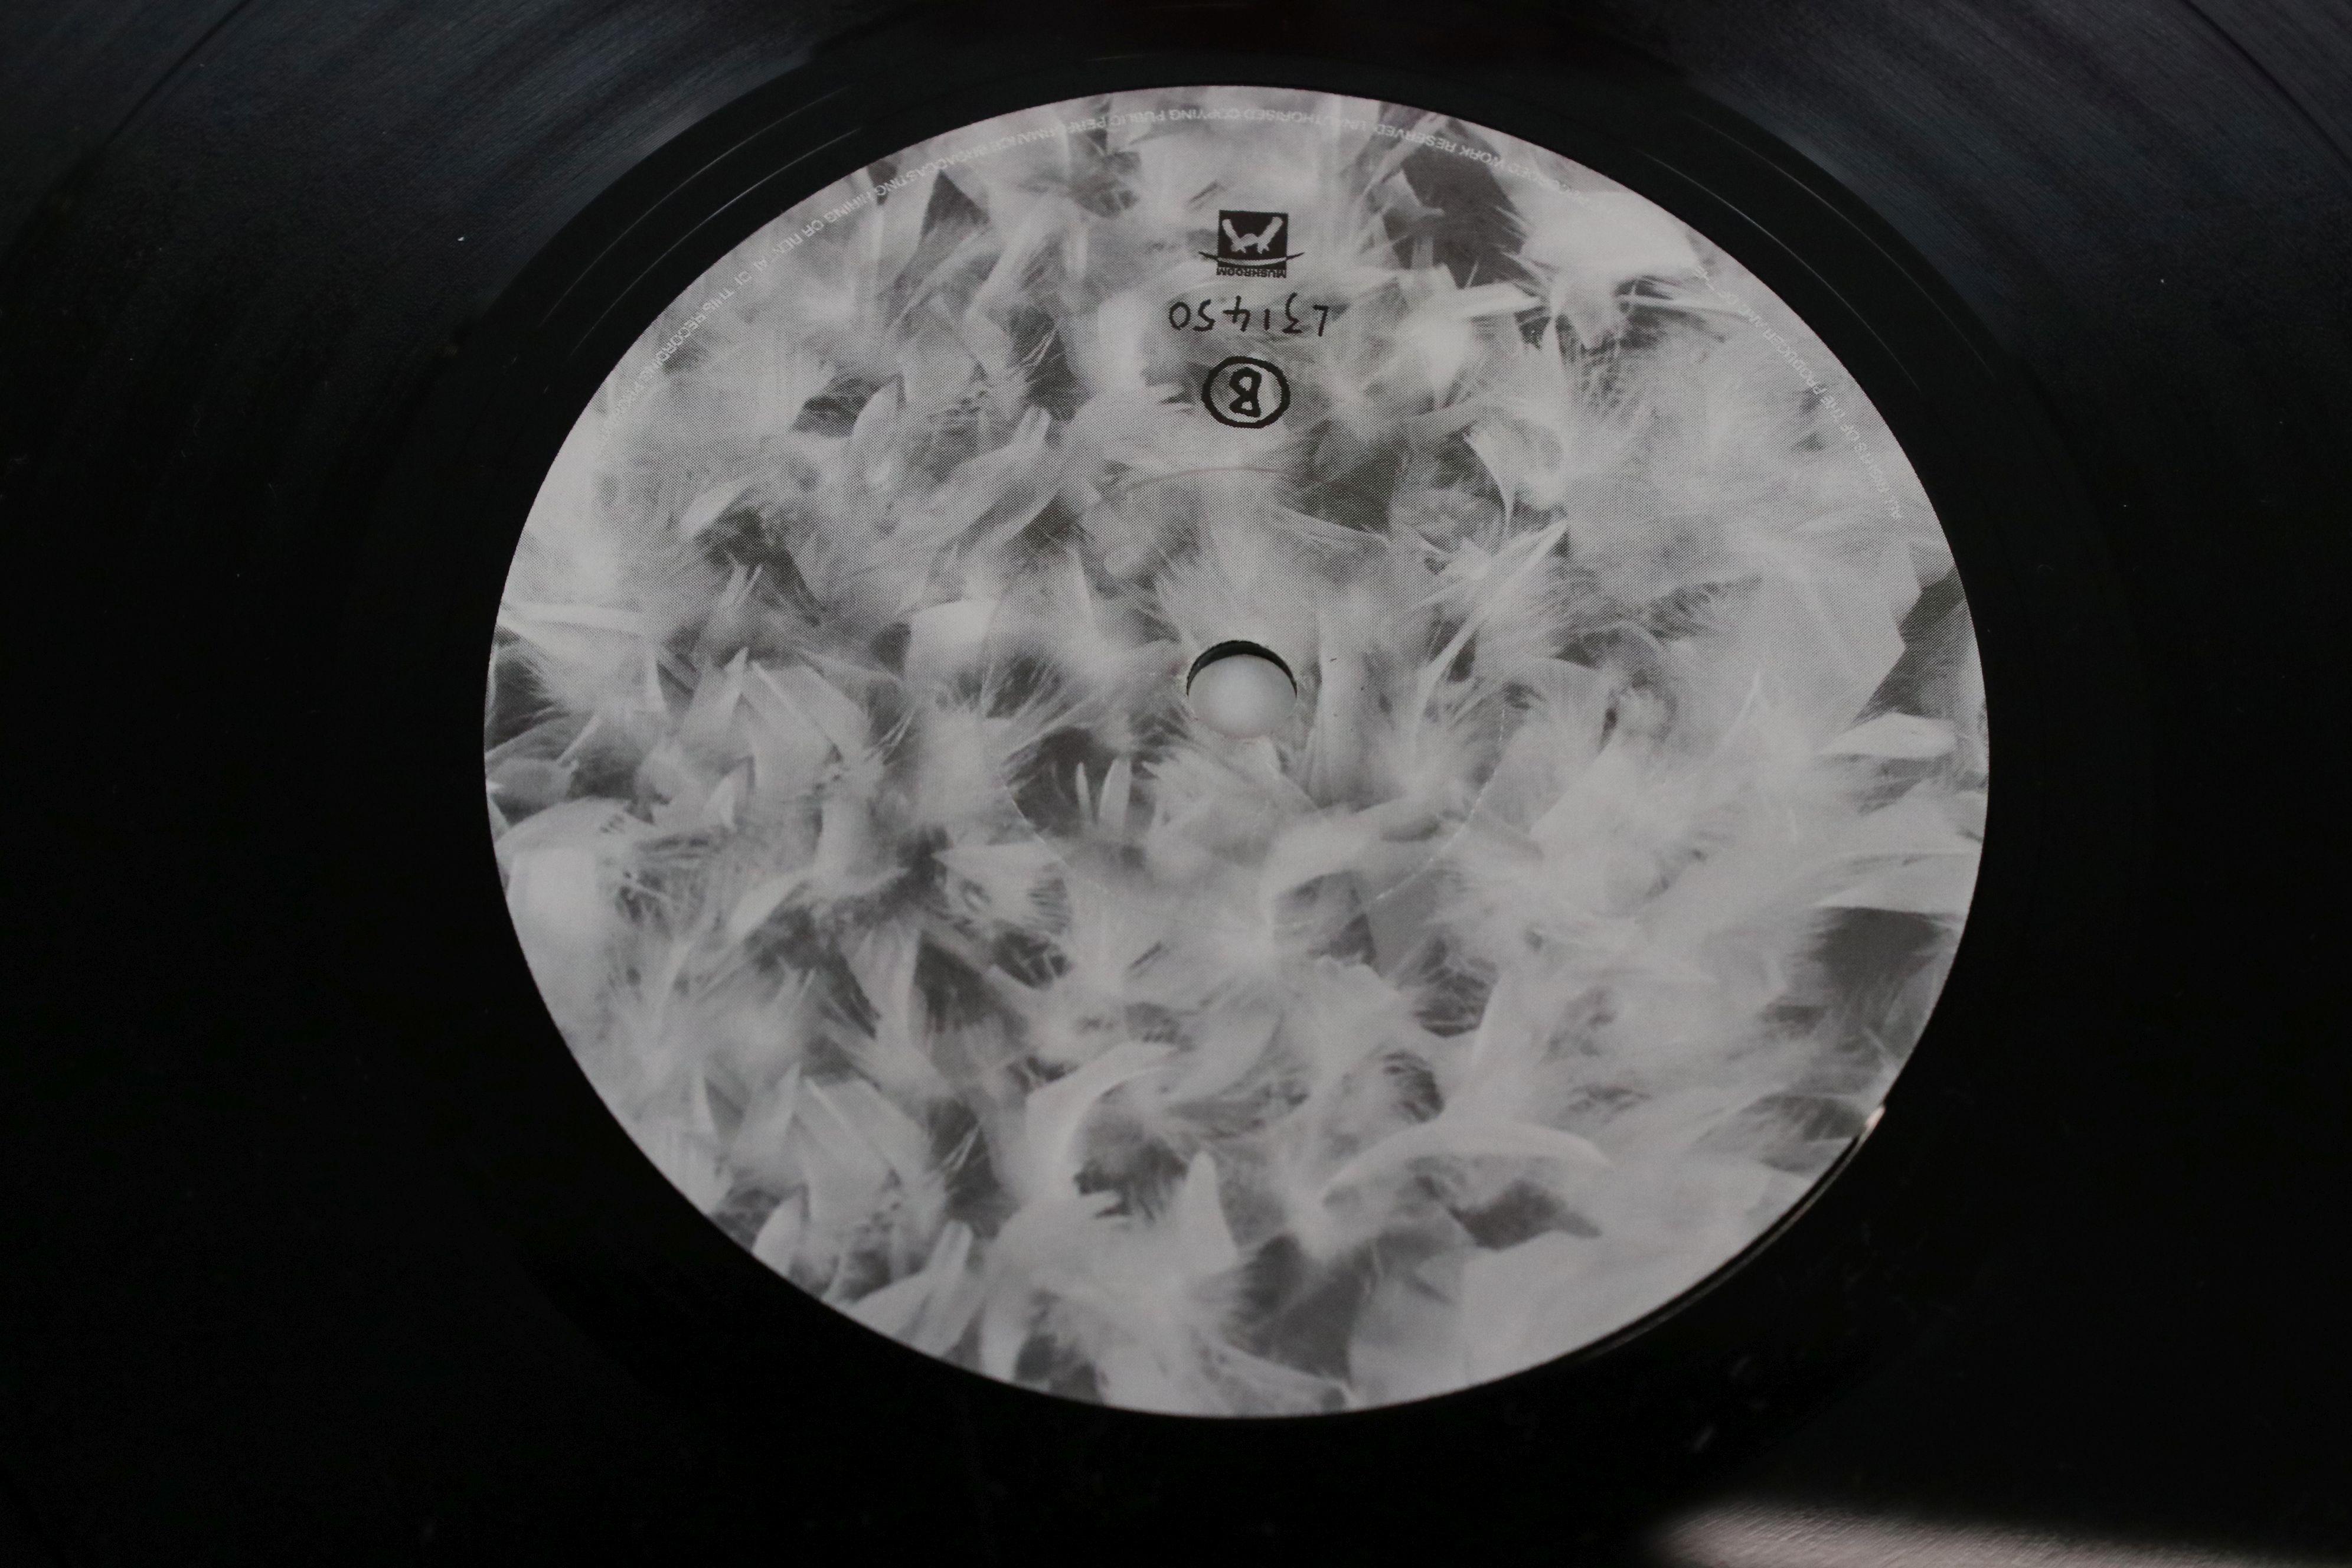 Vinyl - Garbage self titled Double LP on Mushroom L31450, with both inner sleeves, sleeves vg+ - Image 5 of 6